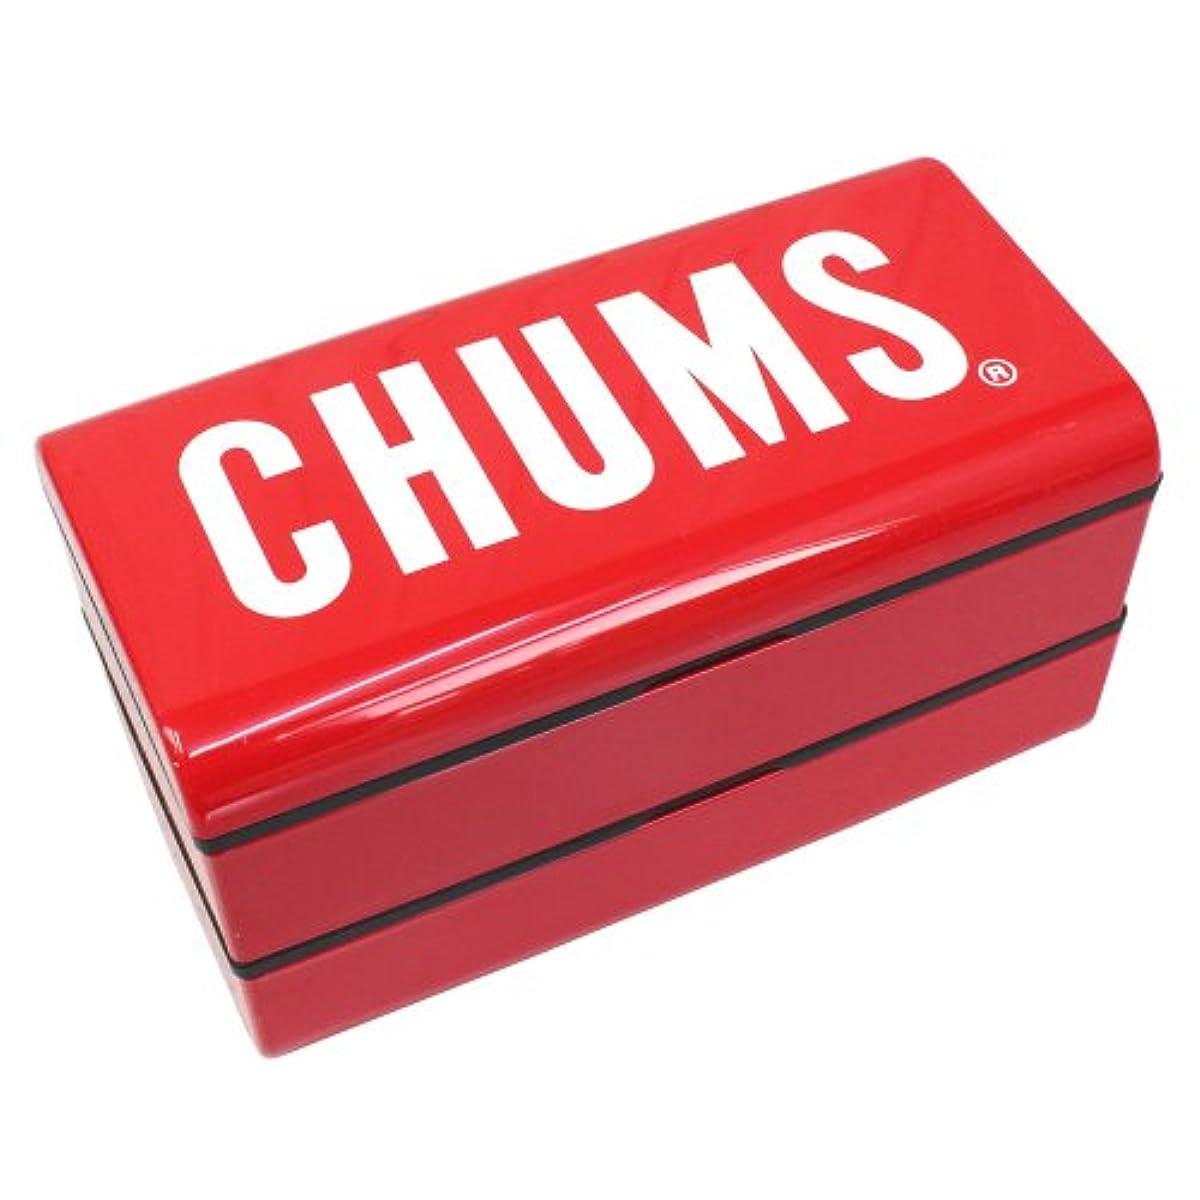 [해외] CHUMS 첨스 런치박스 도시락